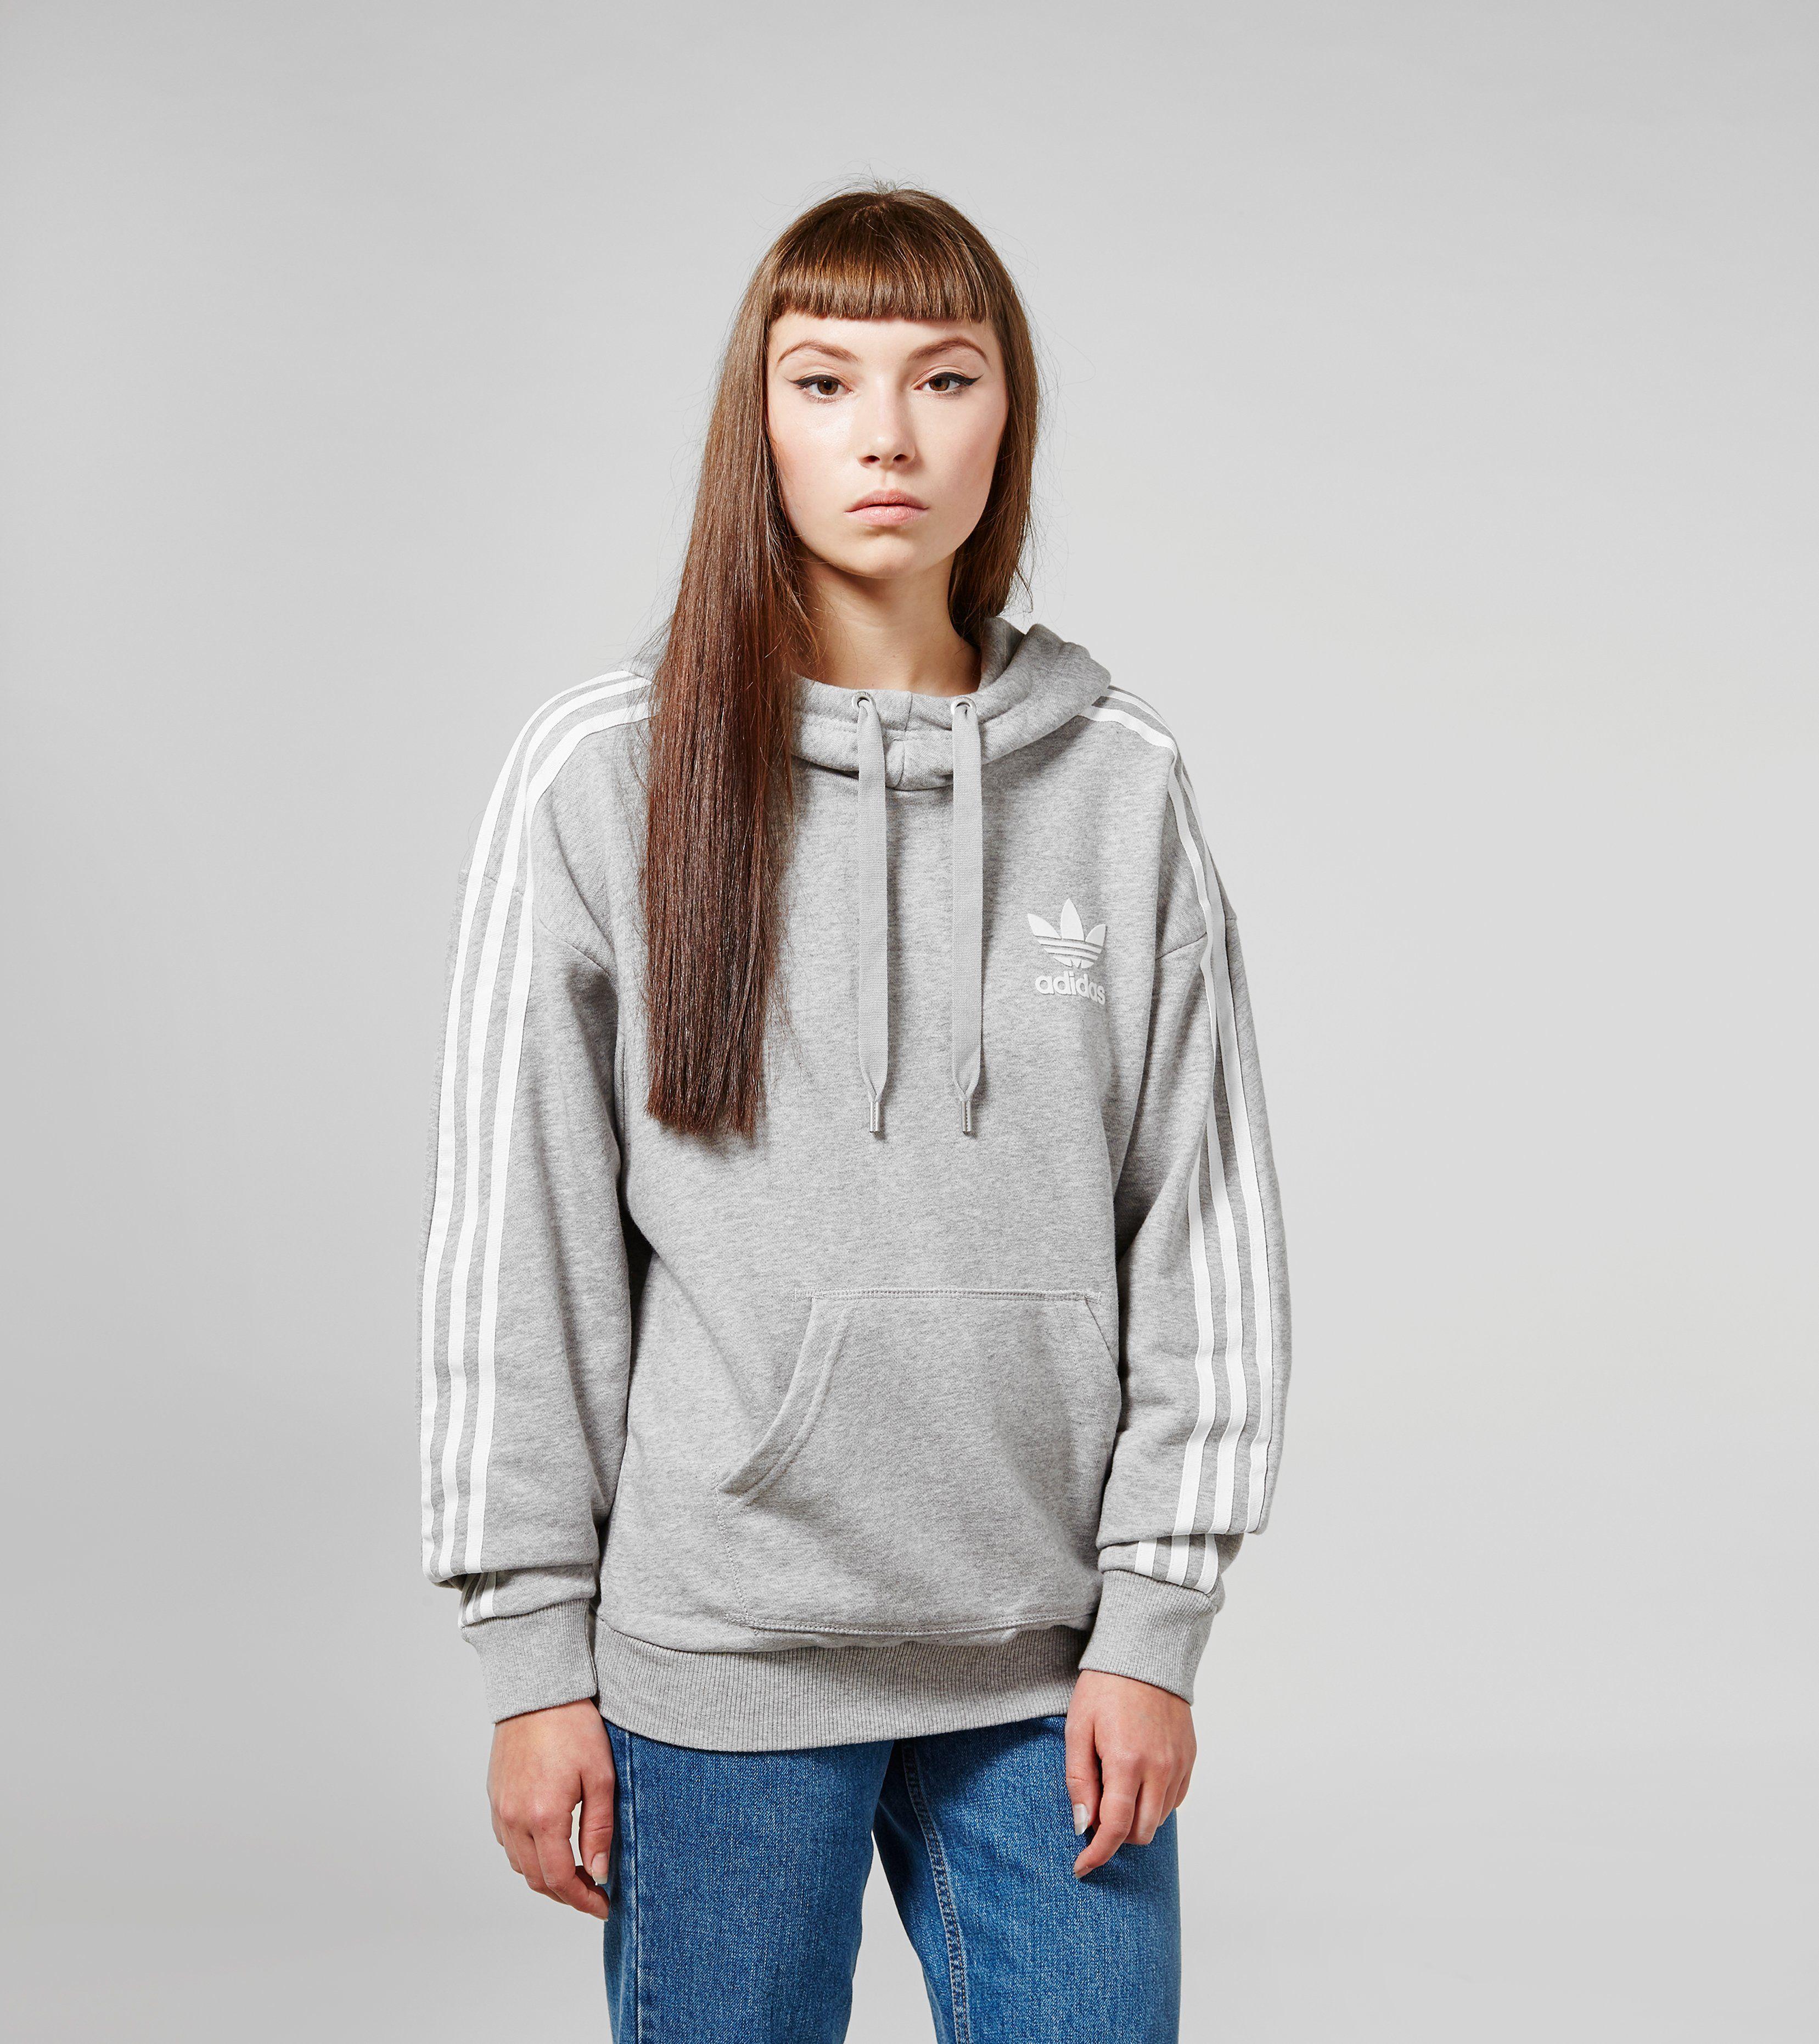 d02753e72be7 adidas Originals 3 Stripes Hoody